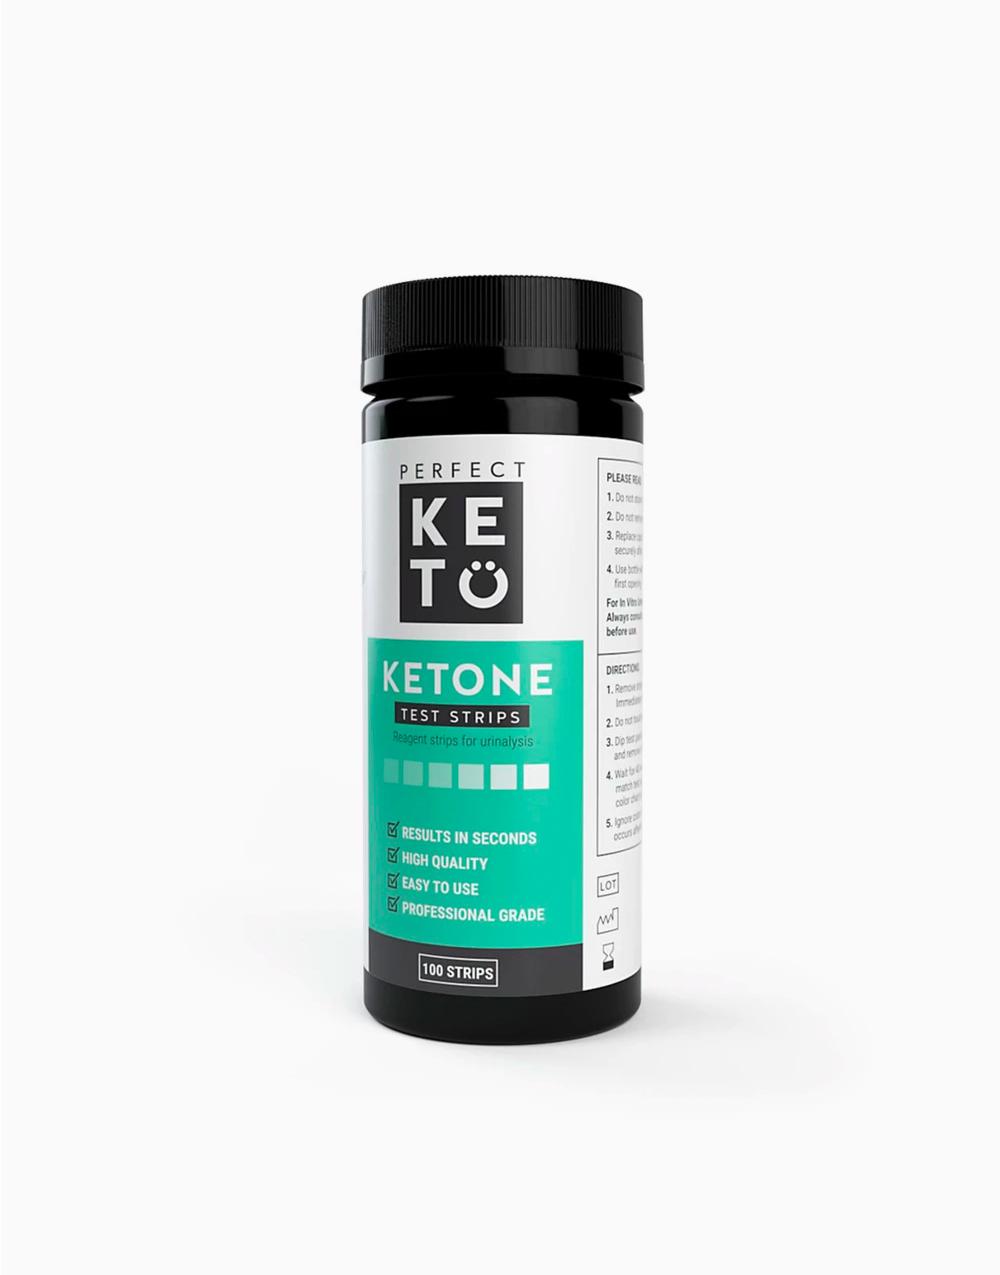 Perfect Keto Ketone Test Strips (100 Strips) by Perfect Keto